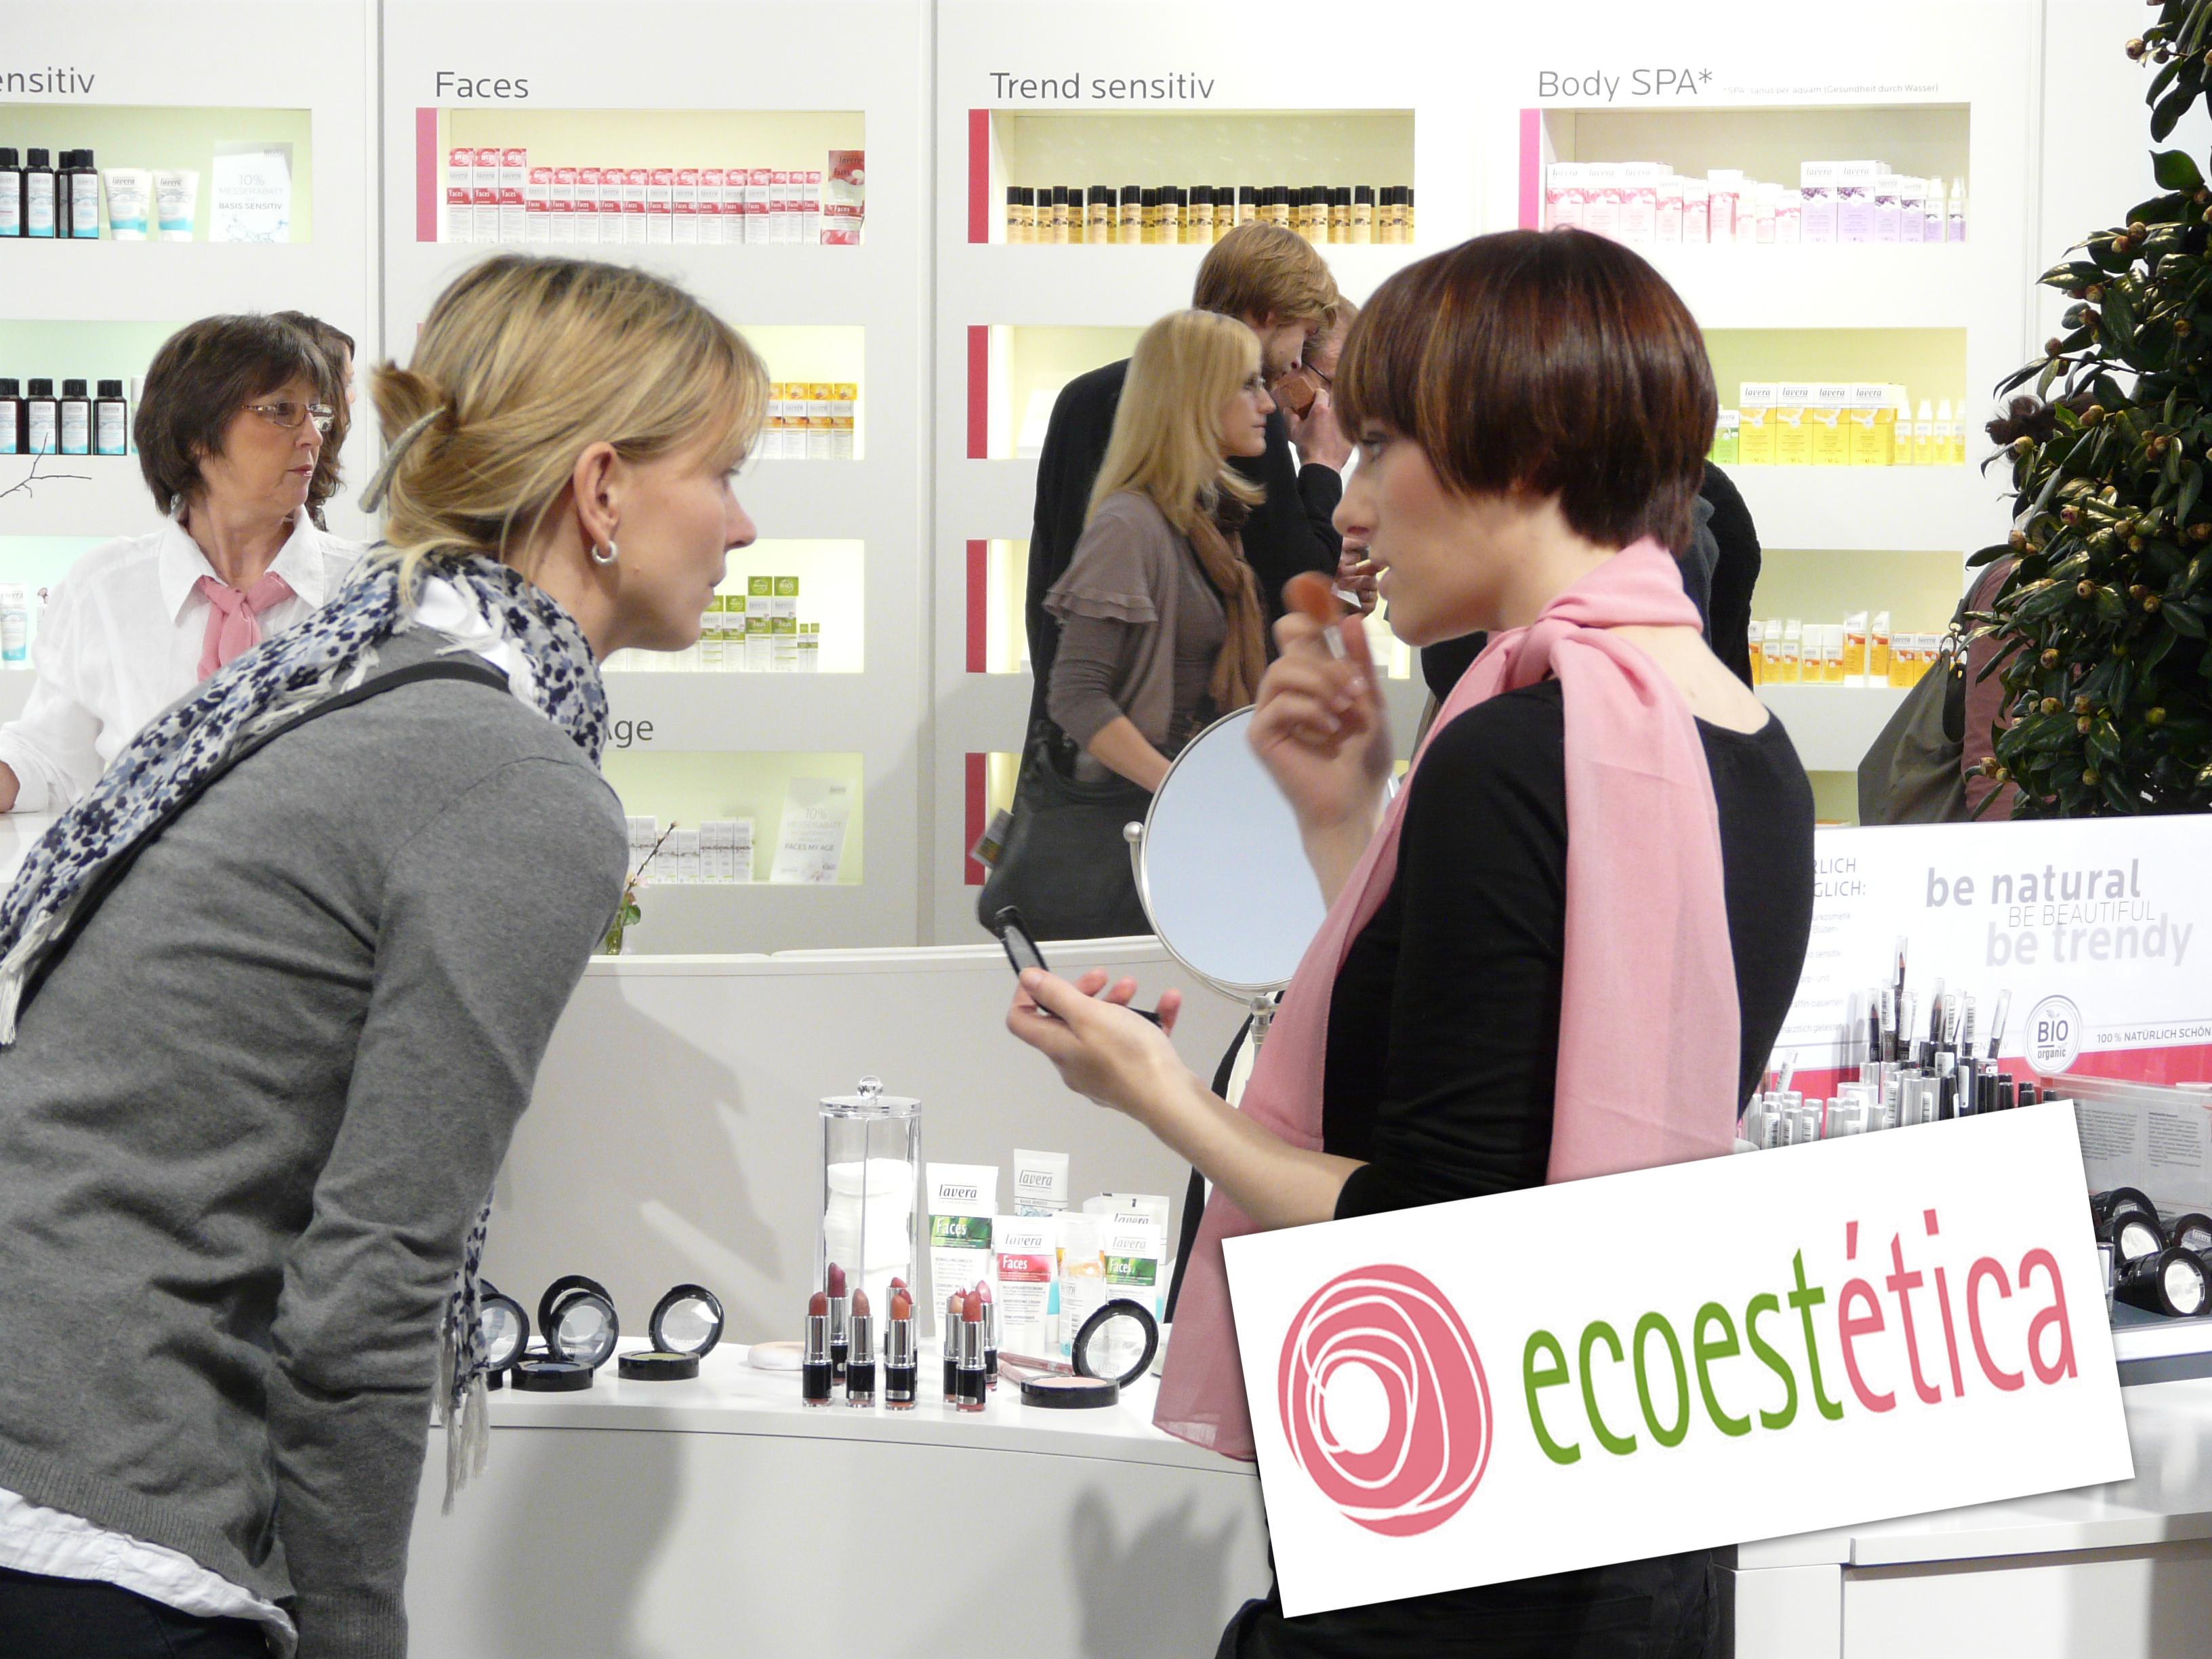 """La estética """"eco"""" y natural estará presente en Biocultura Valencia"""